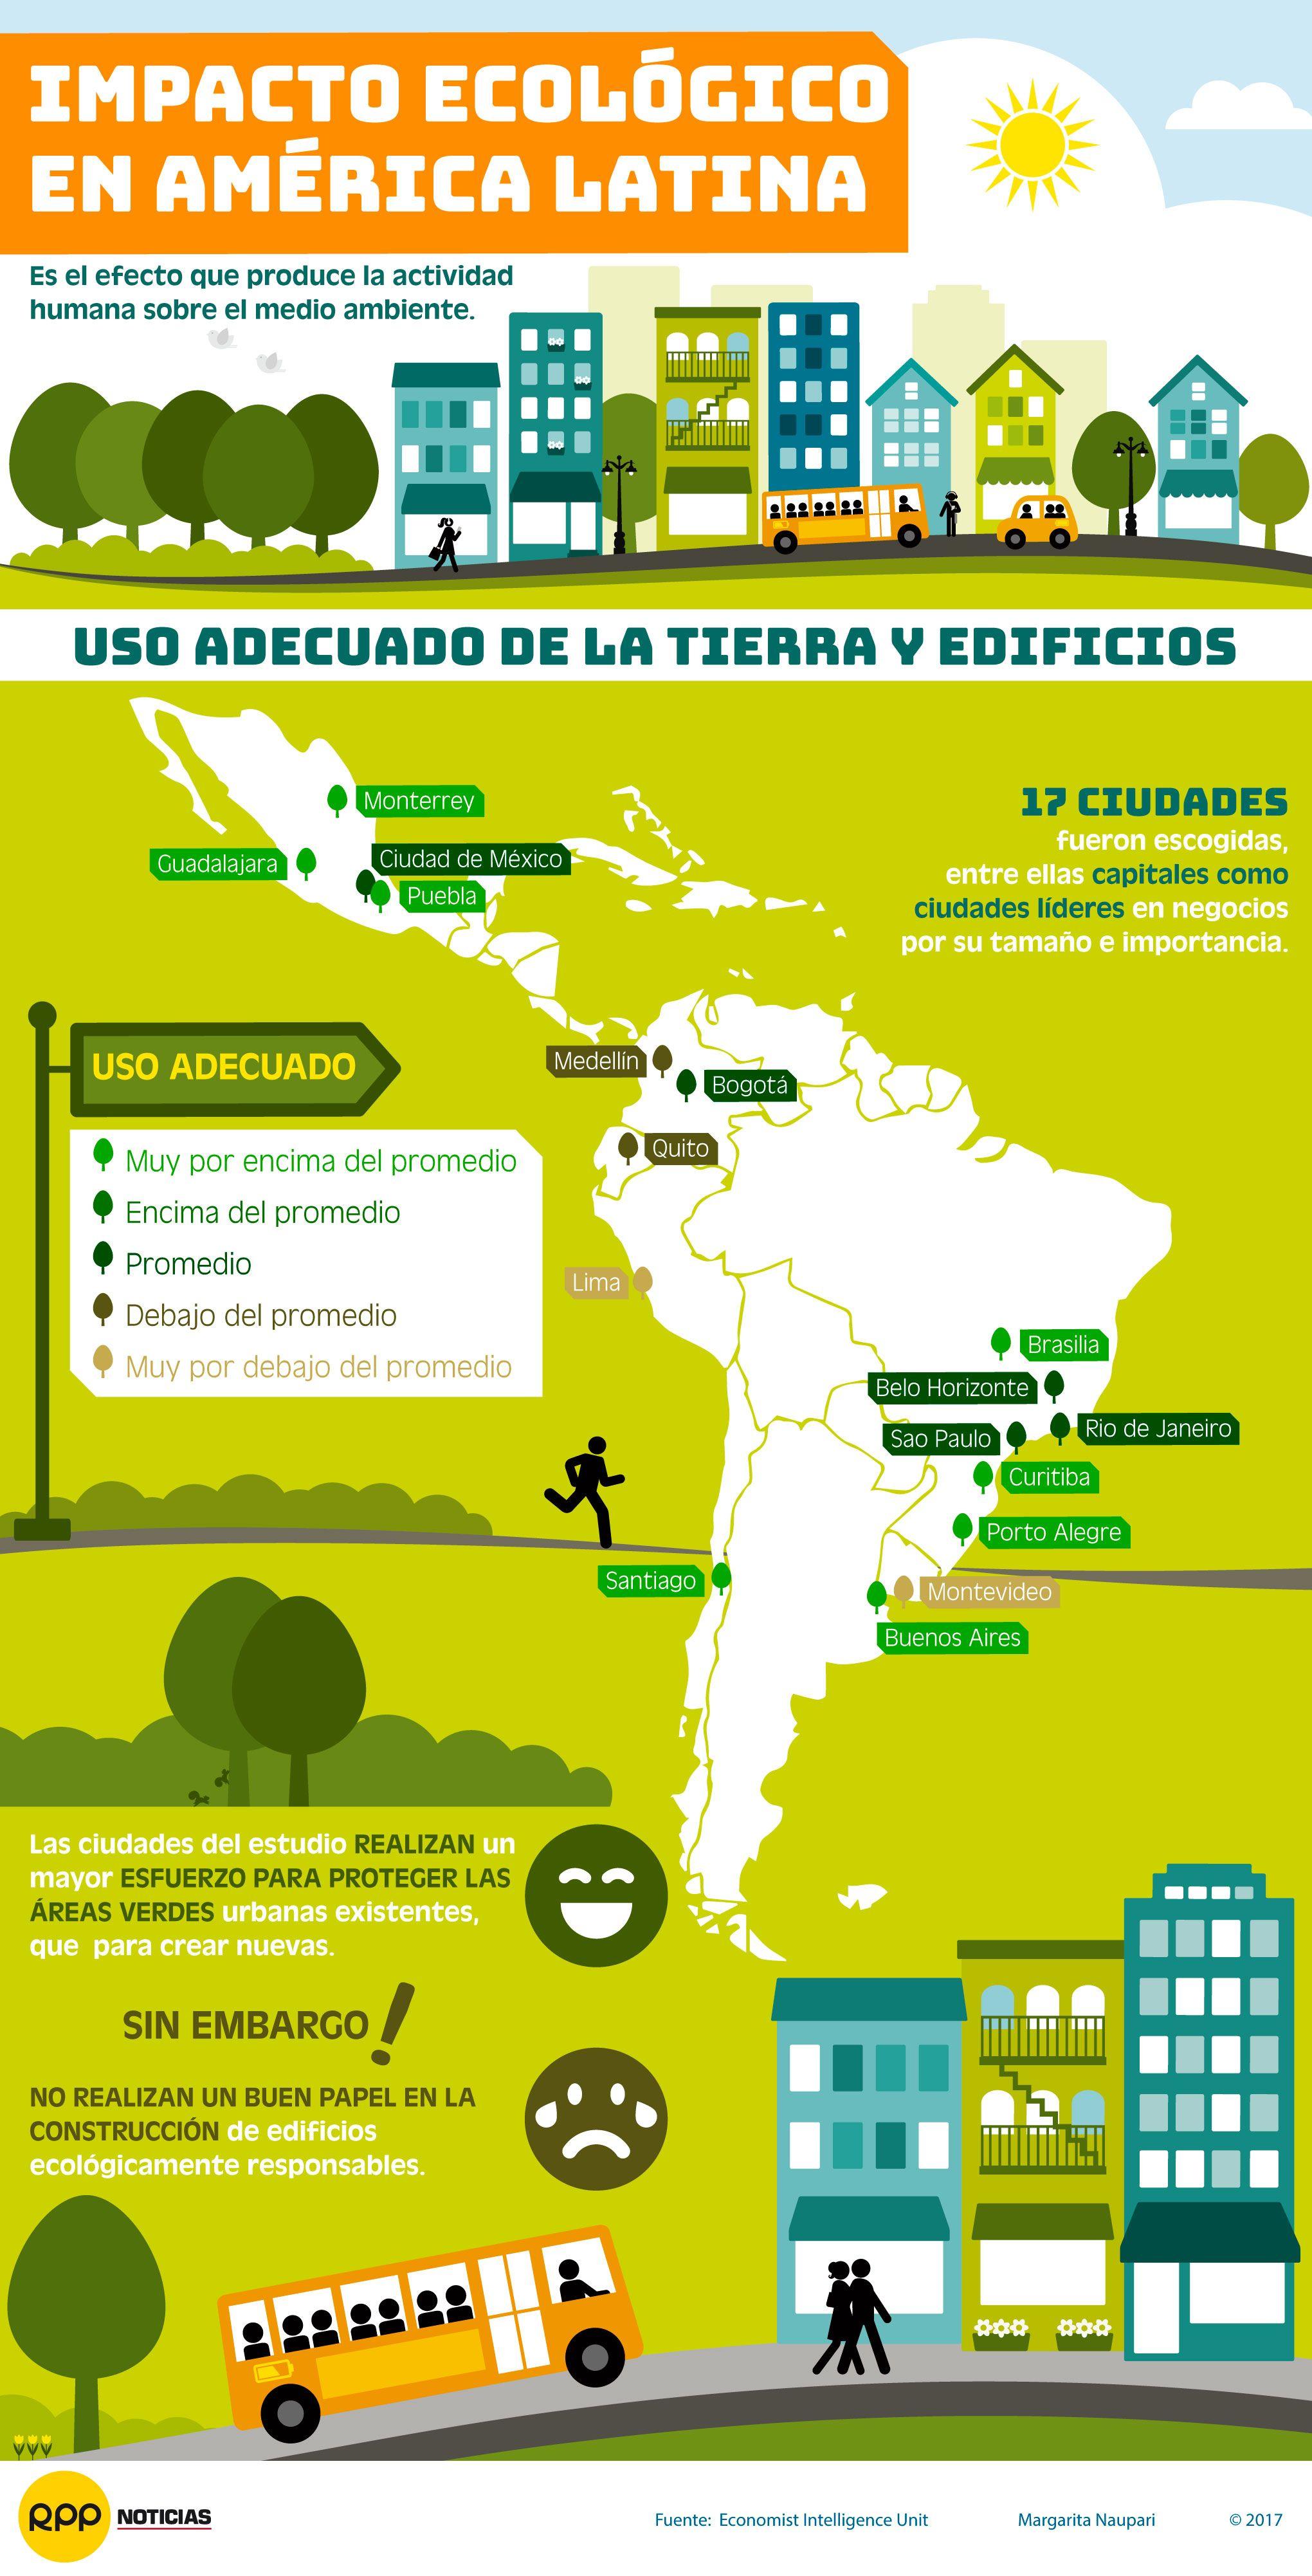 El Impacto Ecológico Del Uso De La Tierra Y Edificios En Ciudades De América Latina Conservacion Del Ambiente Materia De Historia Medio Ambiente